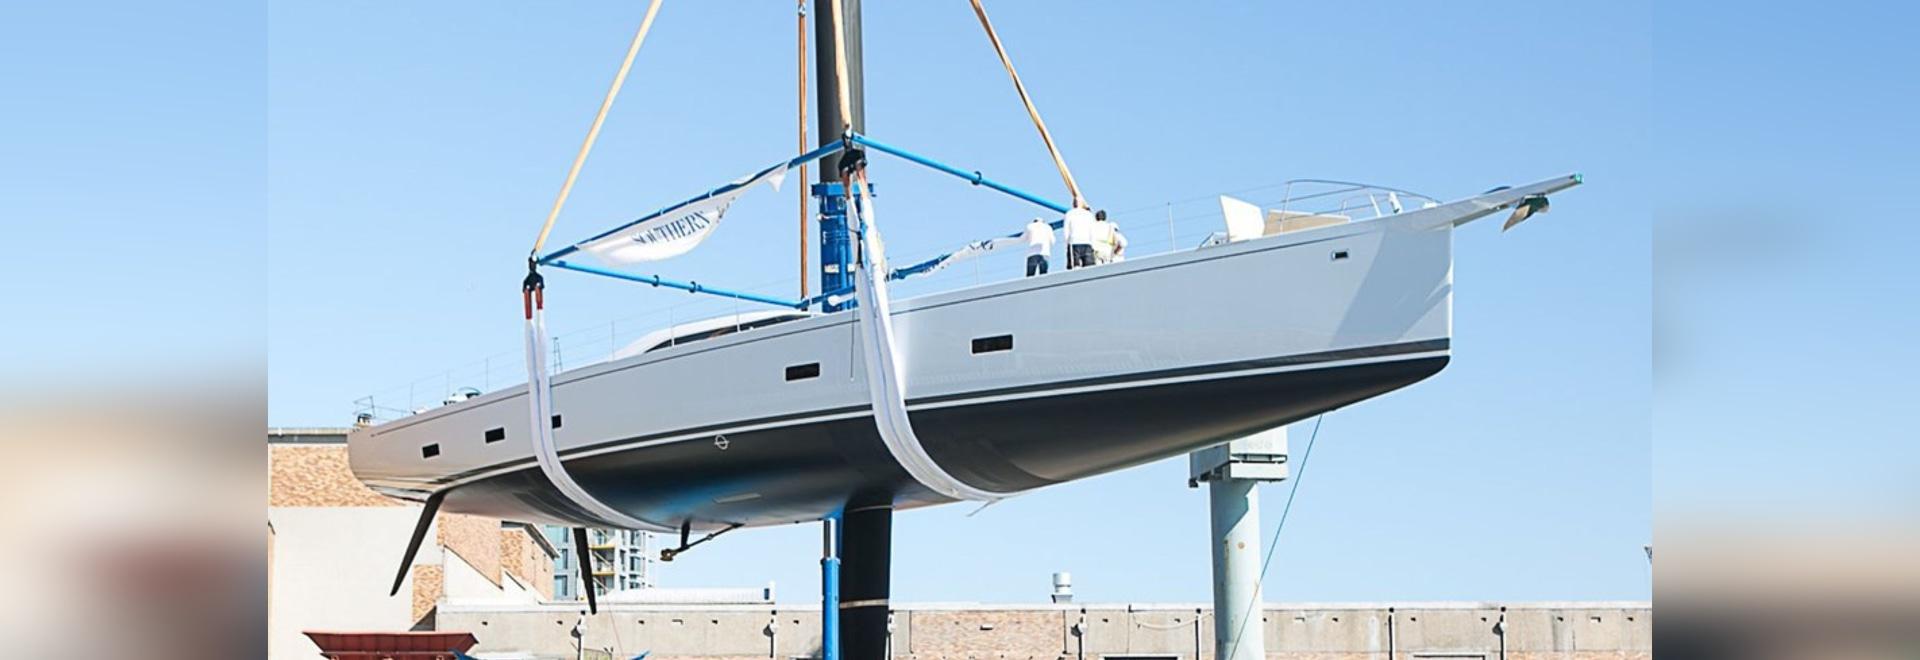 Le vent du sud lance la puissance de navigation de yacht de 35m de 2